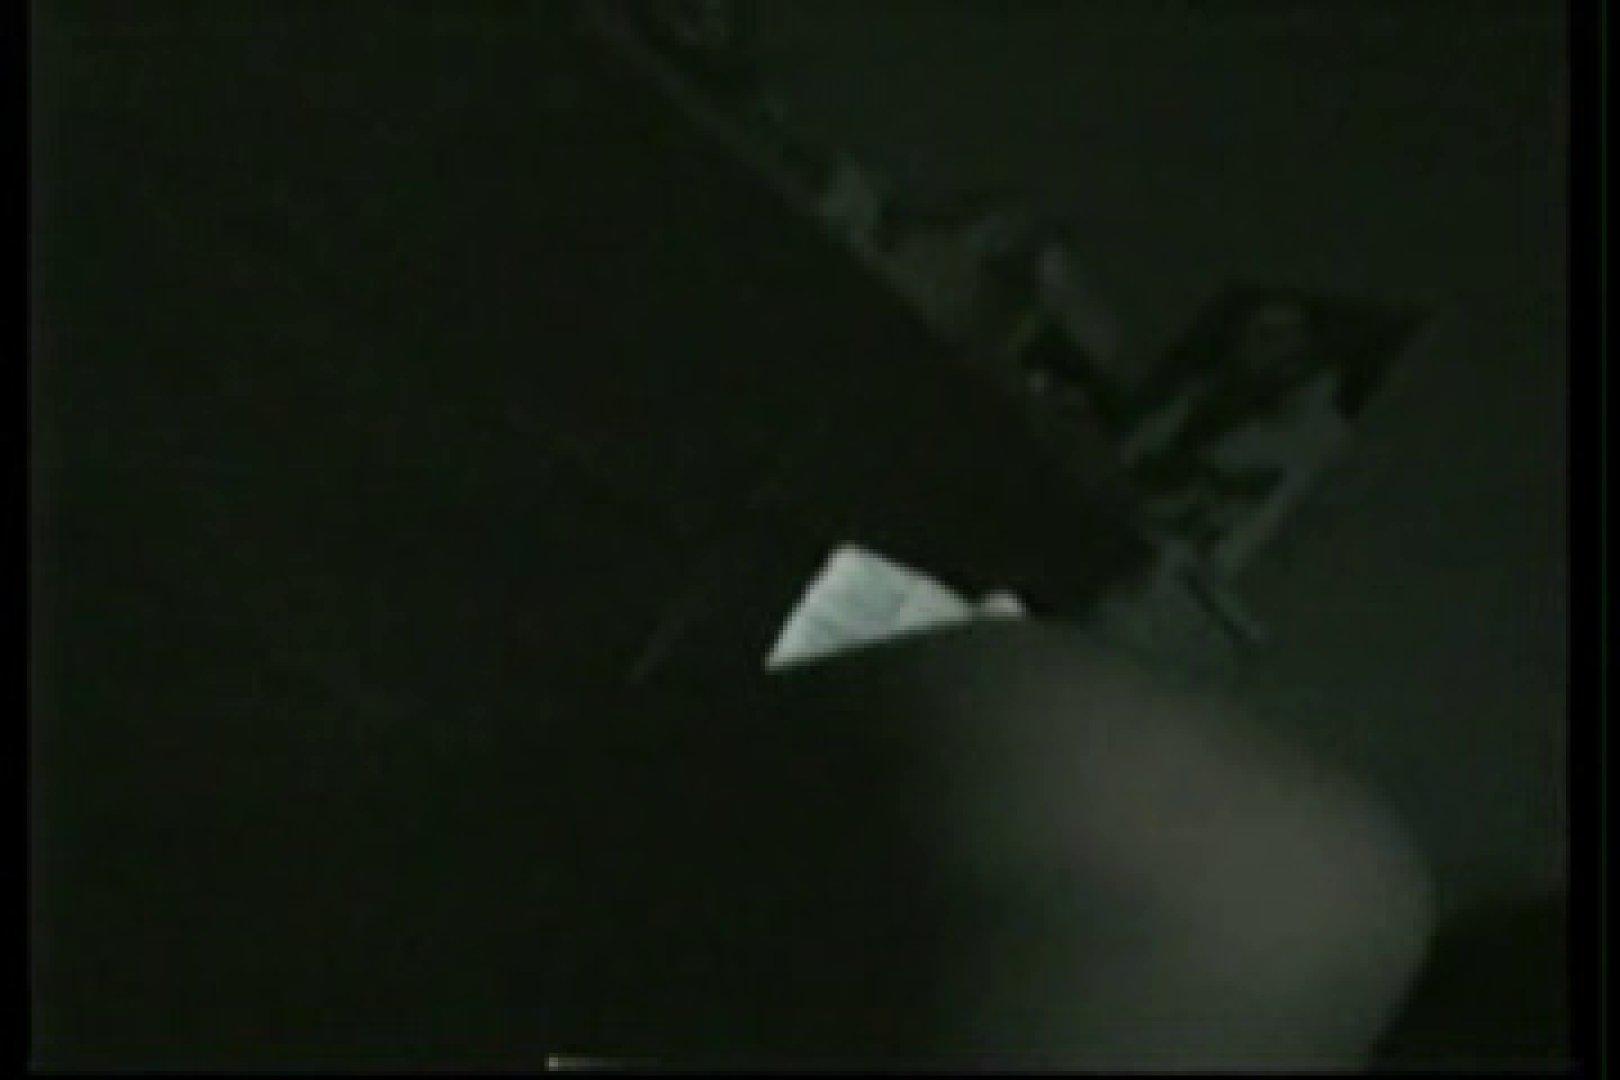 【実録個人撮影】男の子達の禁断の愛欲性活!!vol.02(対女性アナル責め) アナル責め ゲイ発射もろ画像 109枚 64